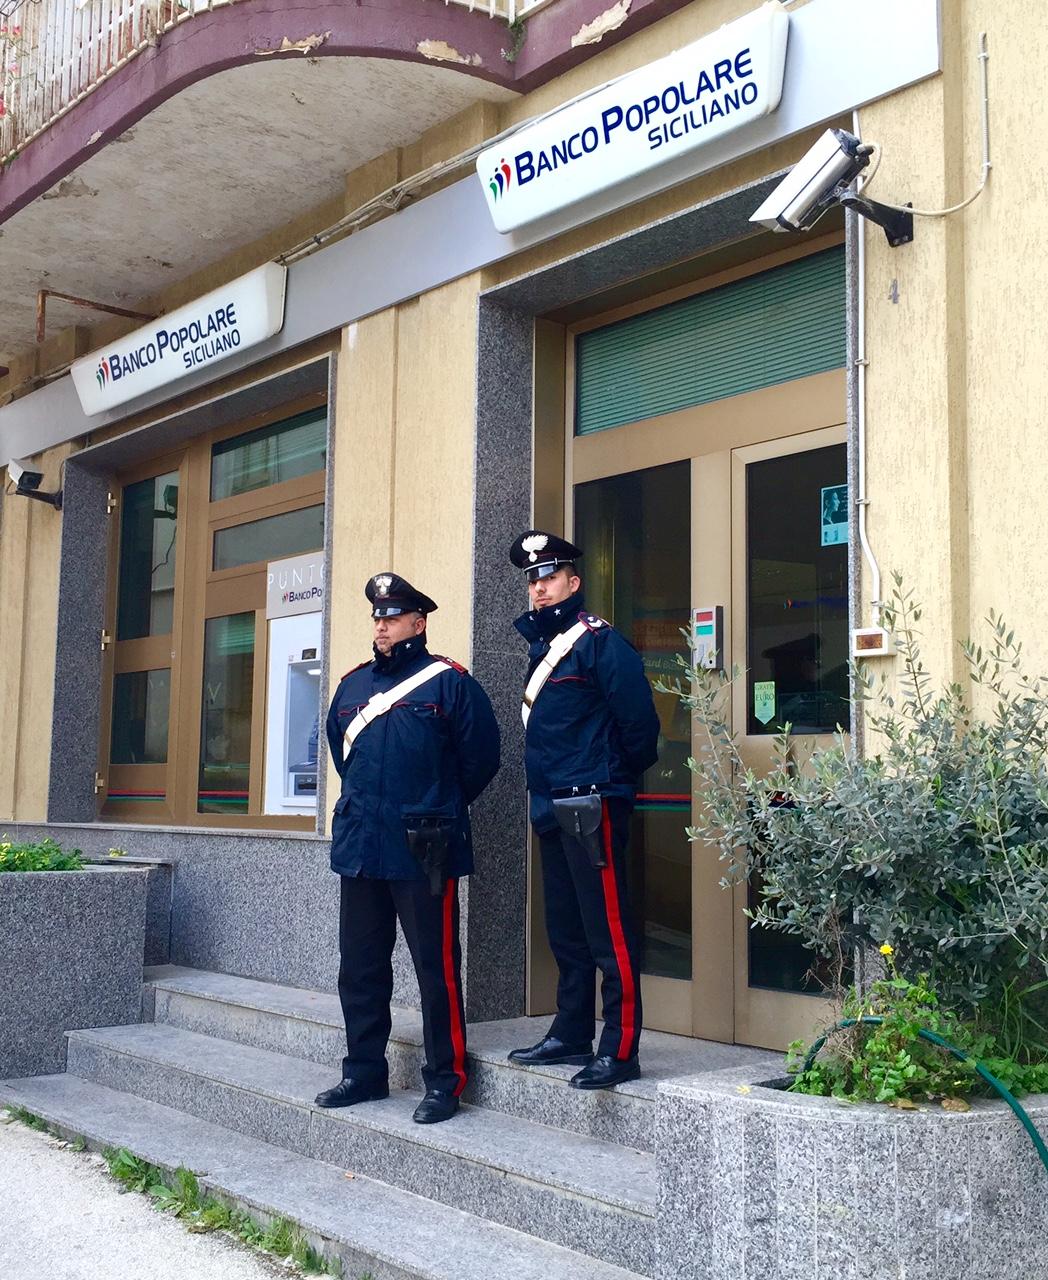 [Cc] Salemi, rapina in banca: arrestati tre ladri all'interno dell'istituto di credito